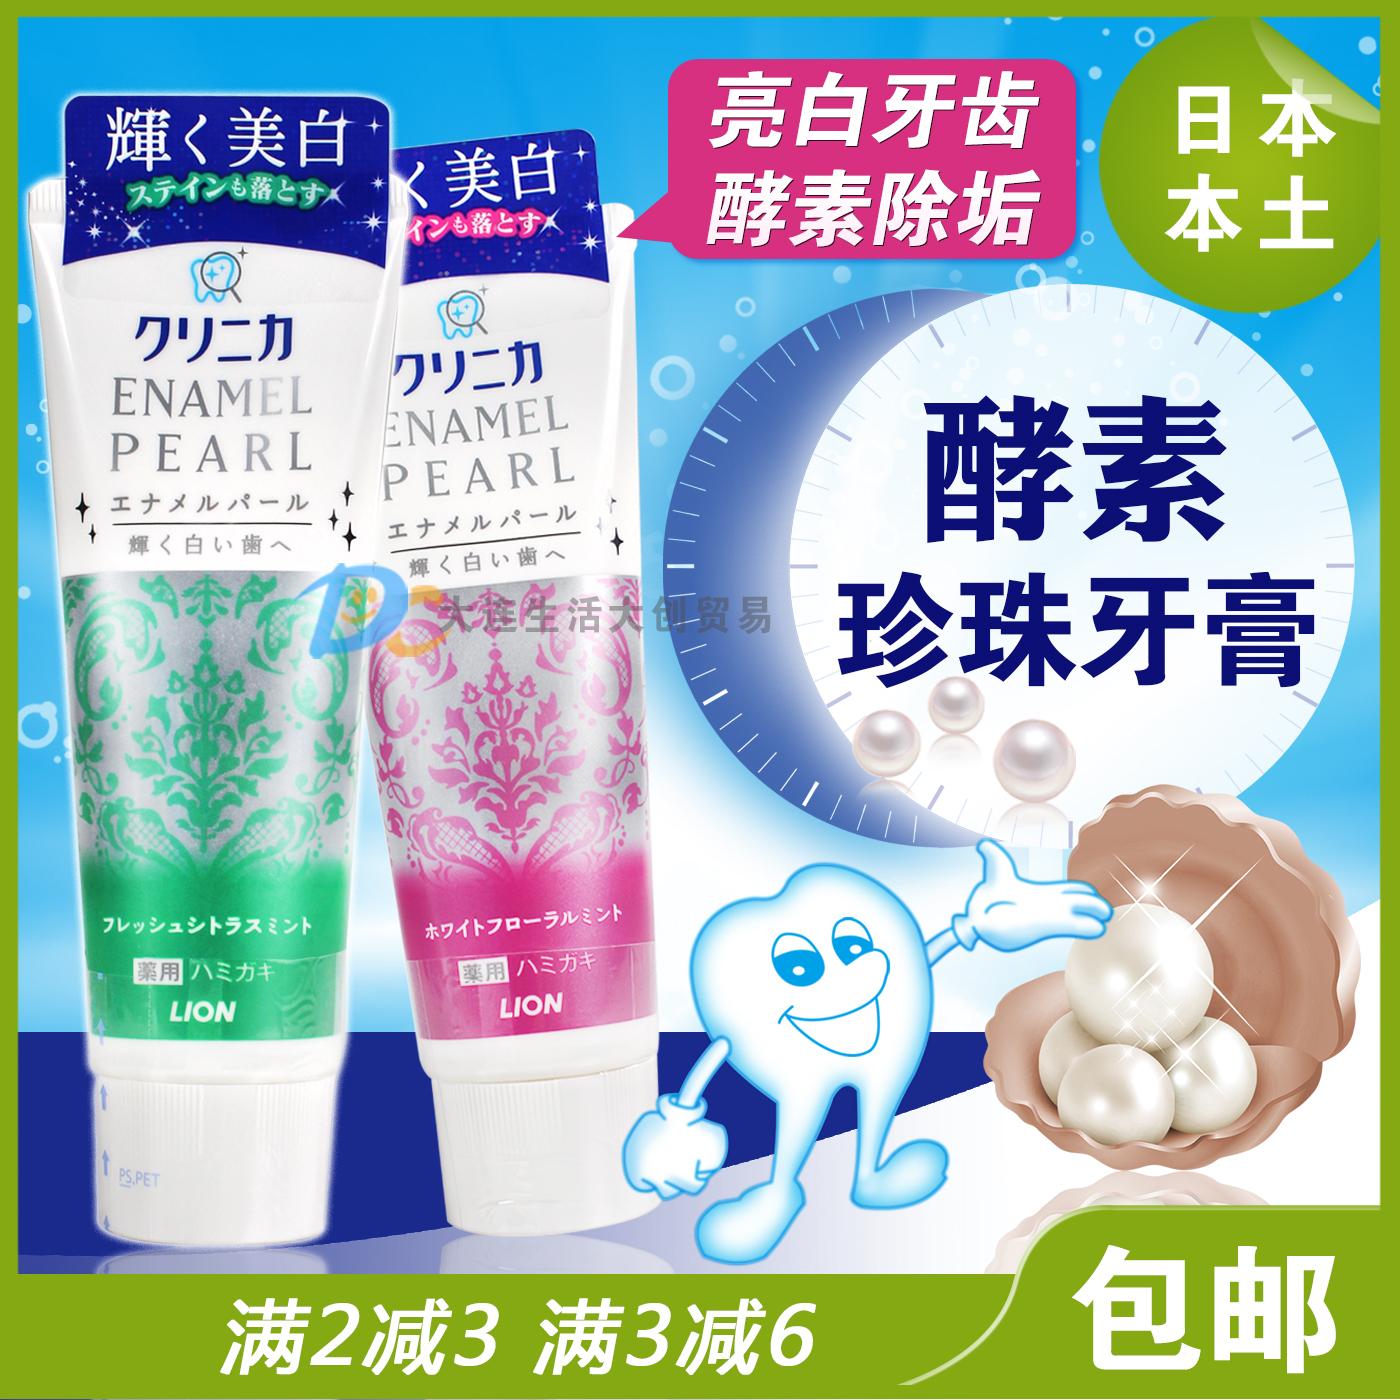 日本原�b�M口�{王牙膏珍珠精��w粒祛�S美白牙膏130g花香柑橘薄荷